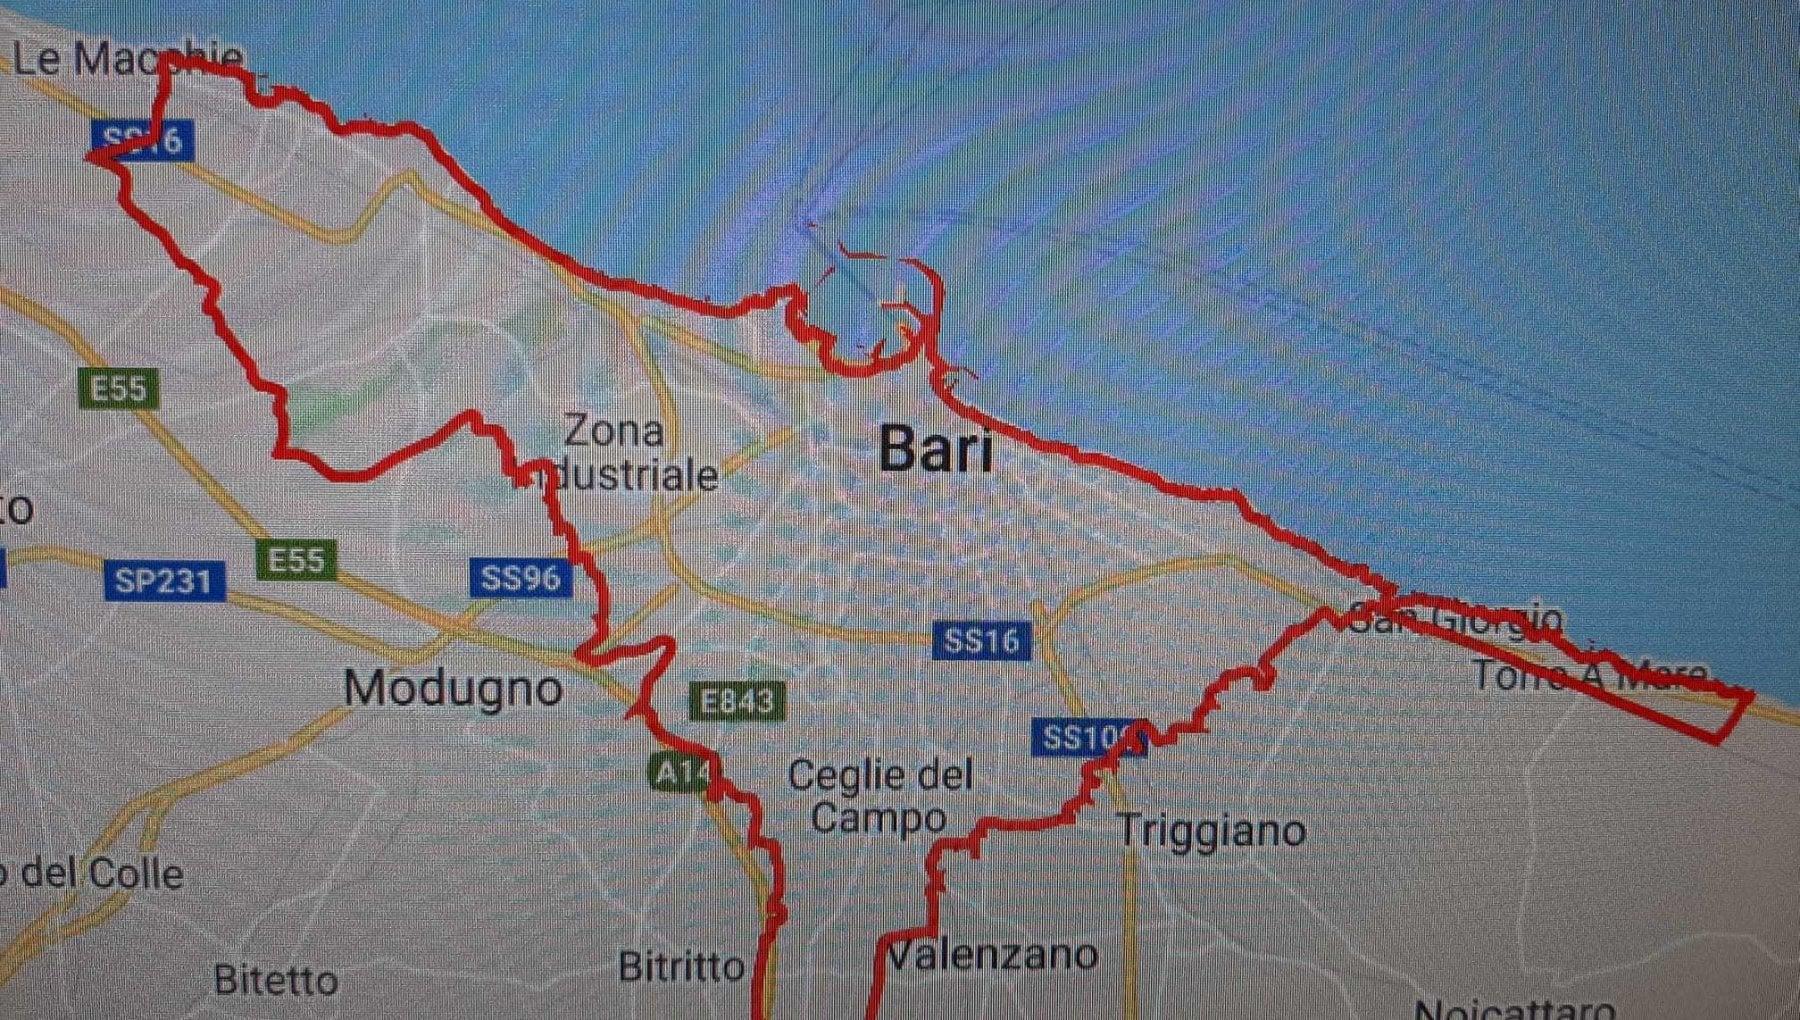 Cartina Puglia Google Maps.Ingegnere Realizza La Mappa Online Con I Confini Amministrativi Di Bari Serve Per Non Incorrere In Sanzioni Da Zona Arancione La Repubblica